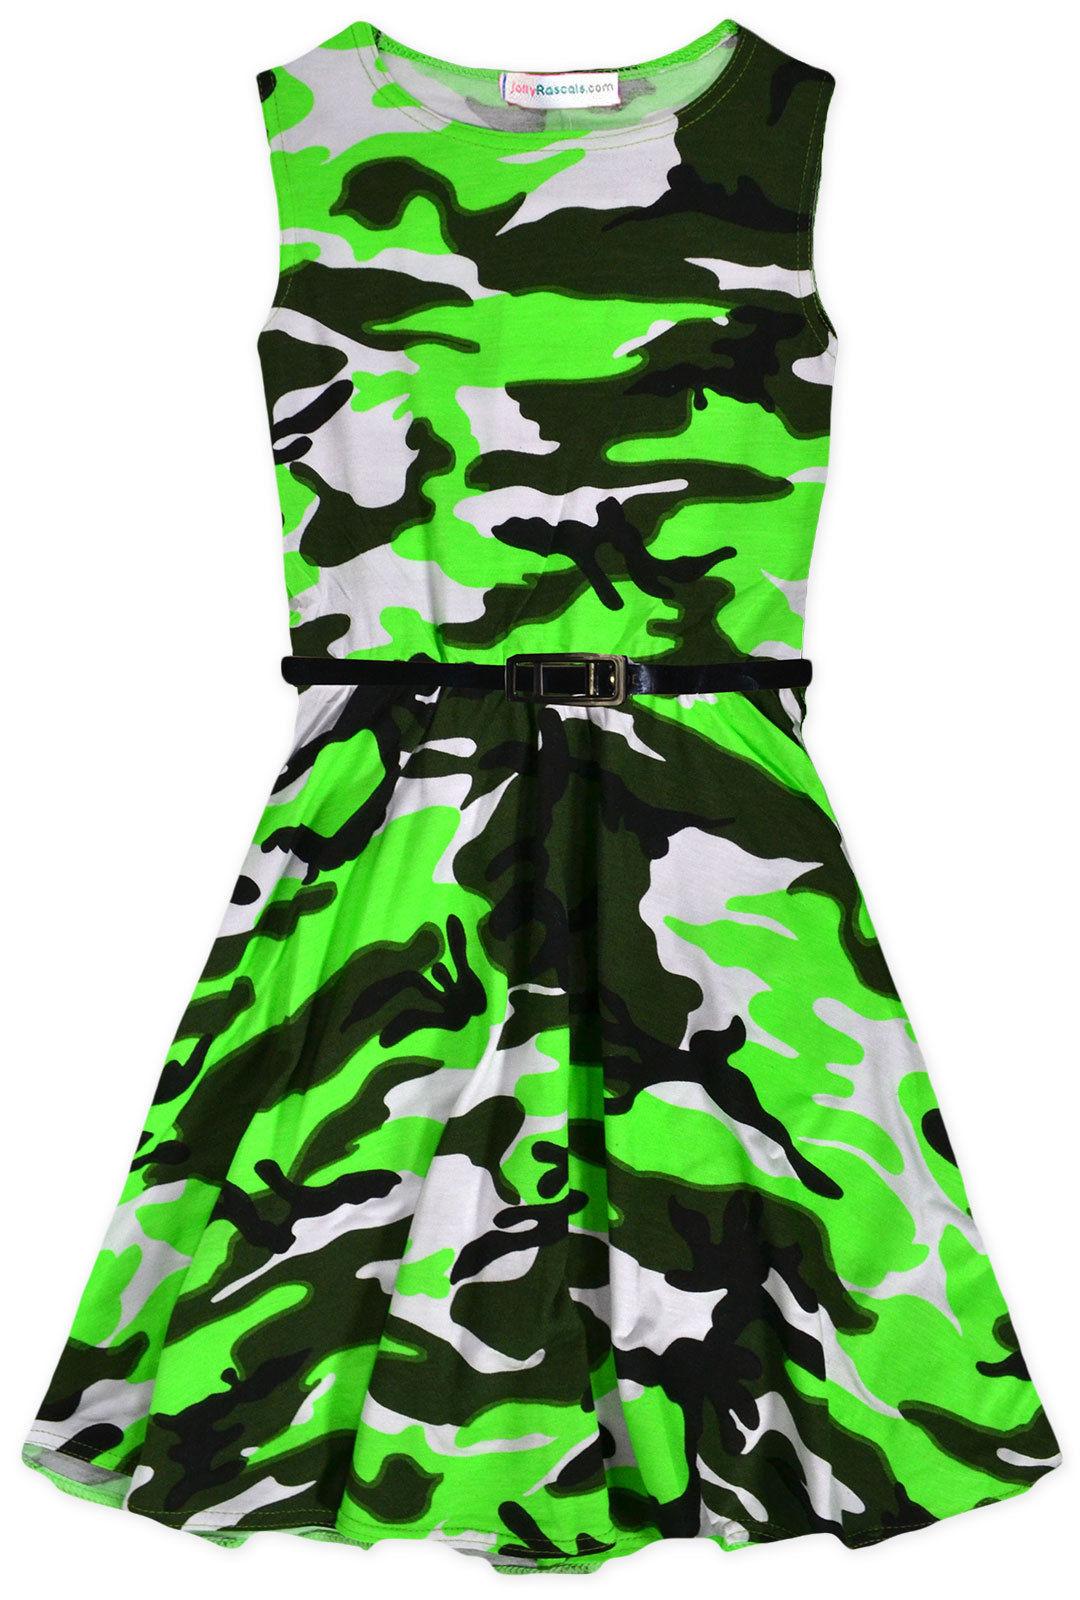 Girls Neon Camouflage Skater Dress New Kids Sleeveless